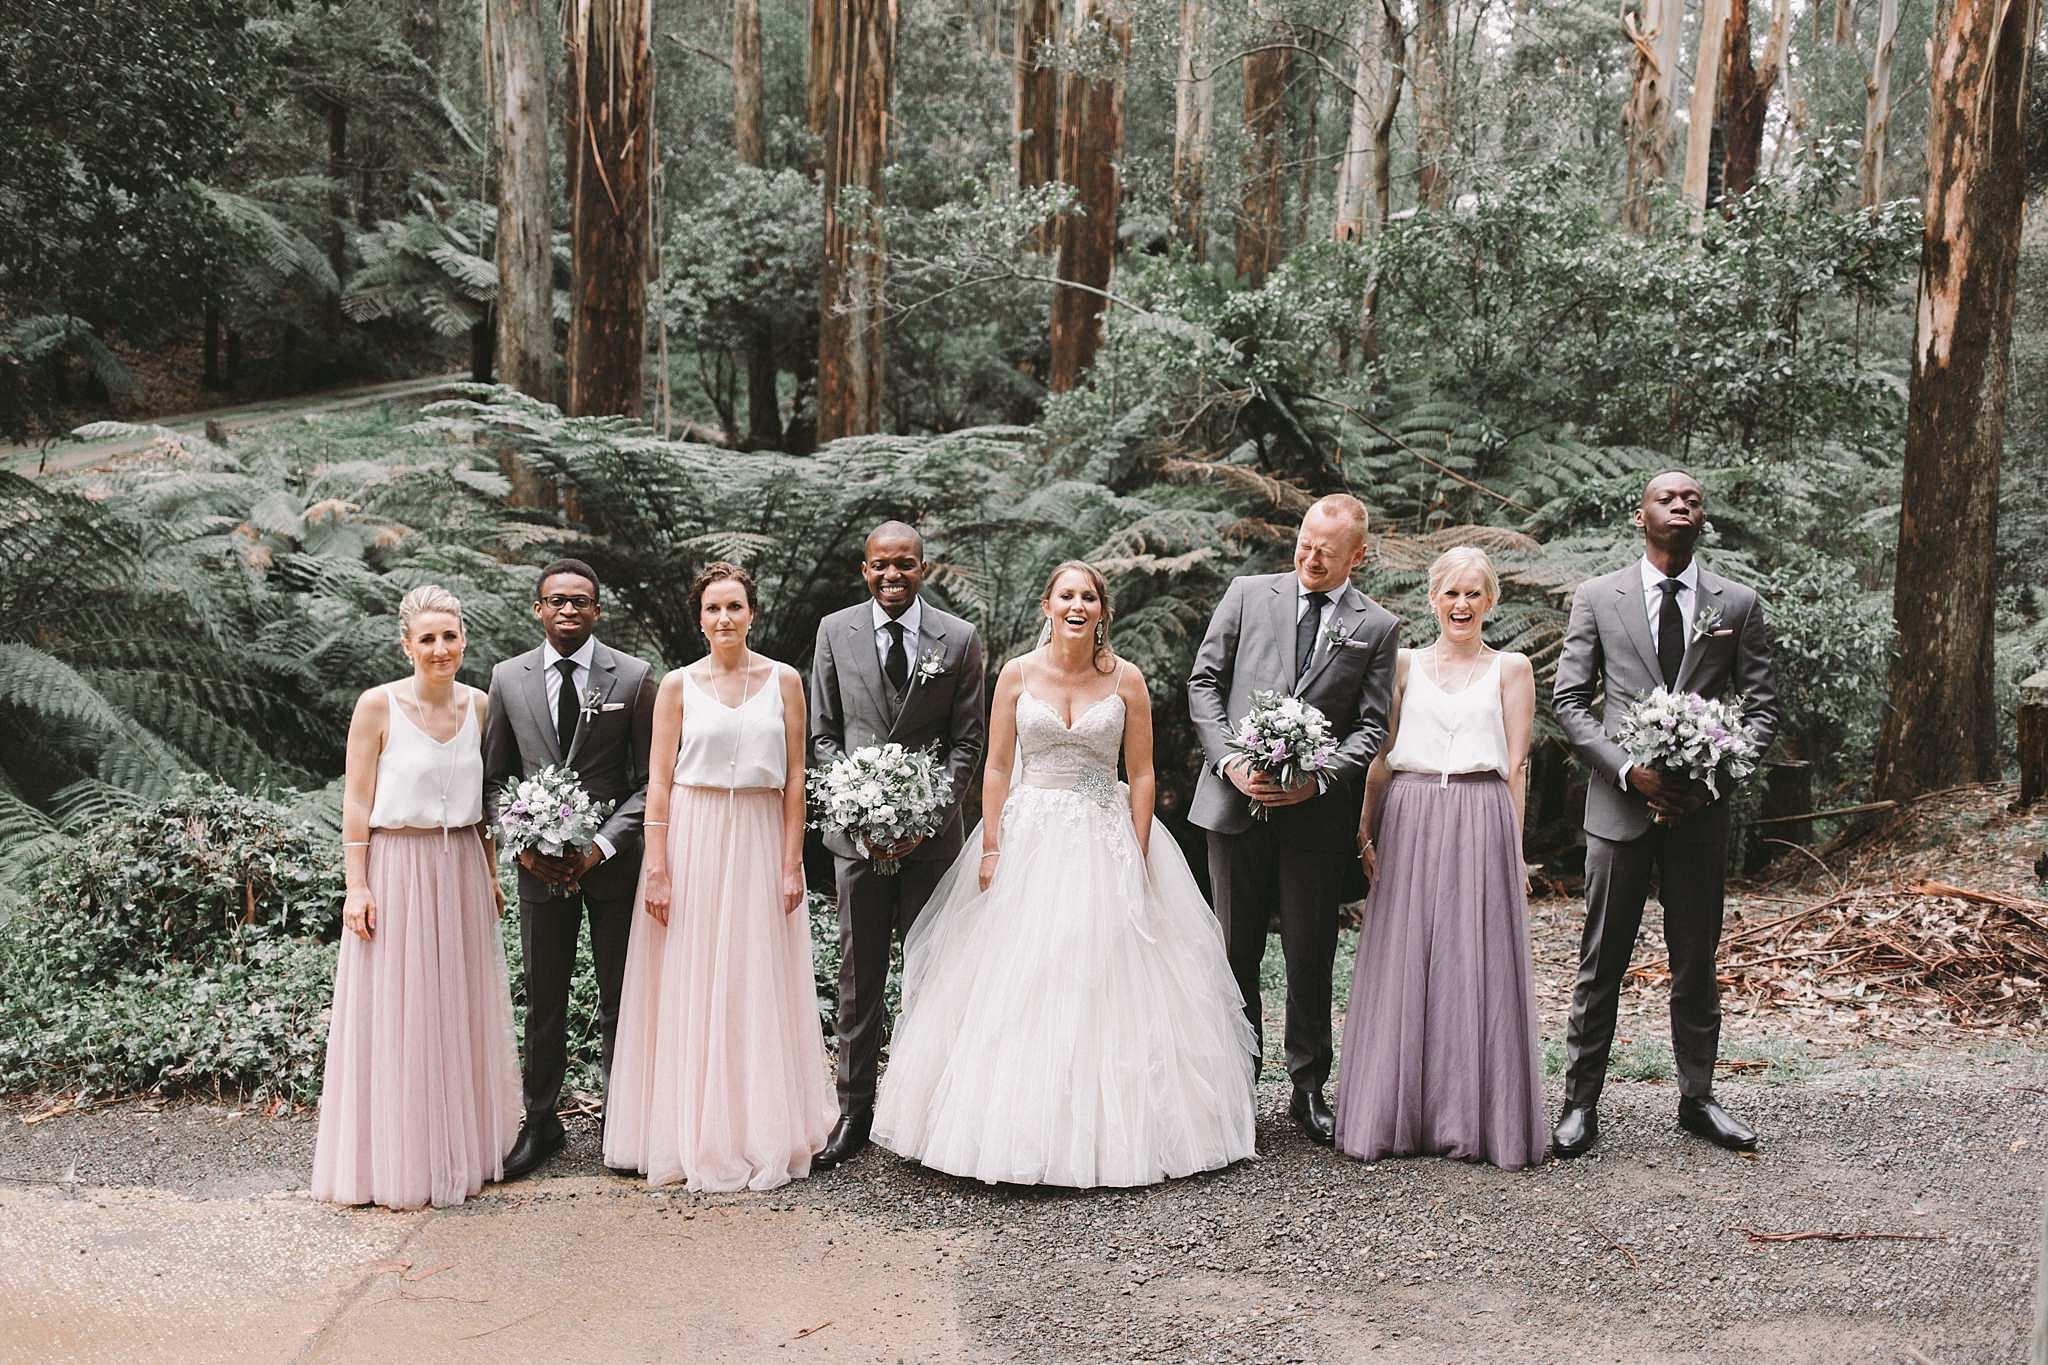 Tatra Dandenong Wedding Photography Natural Candid (32).JPG